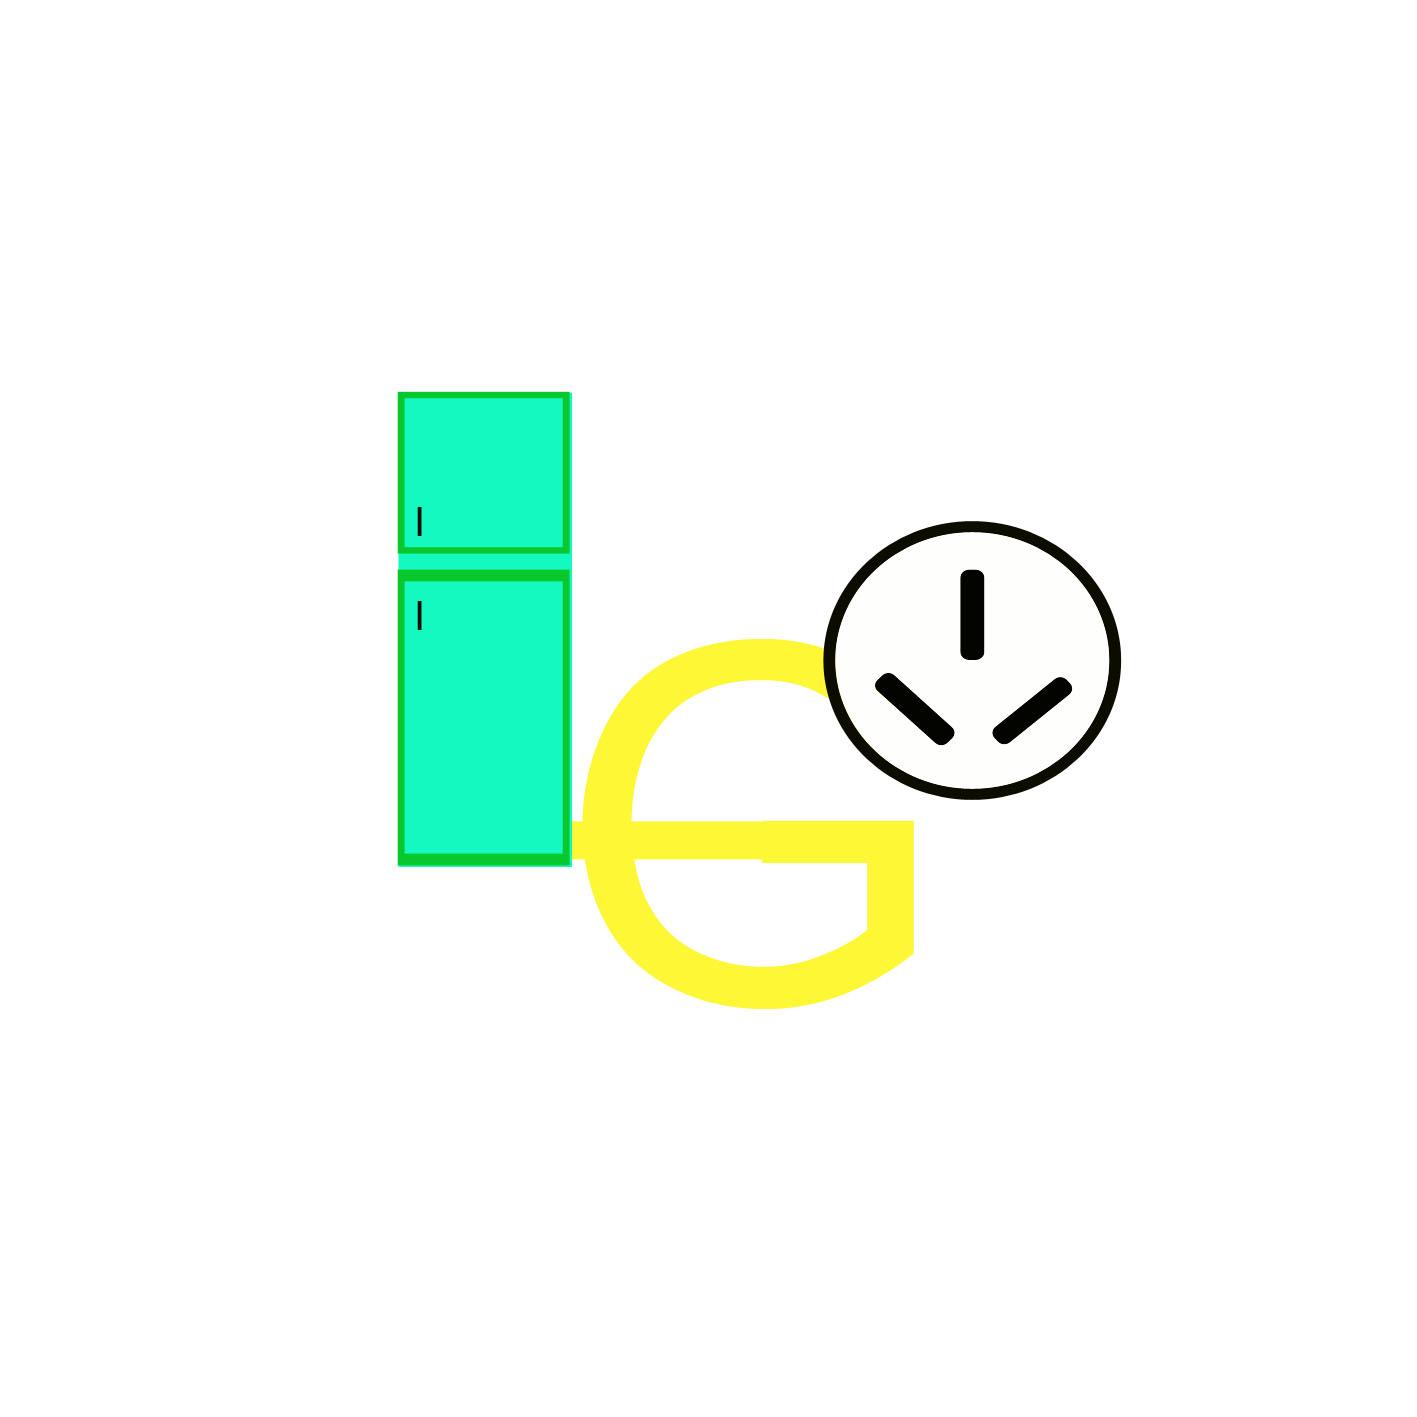 英文象形logo.